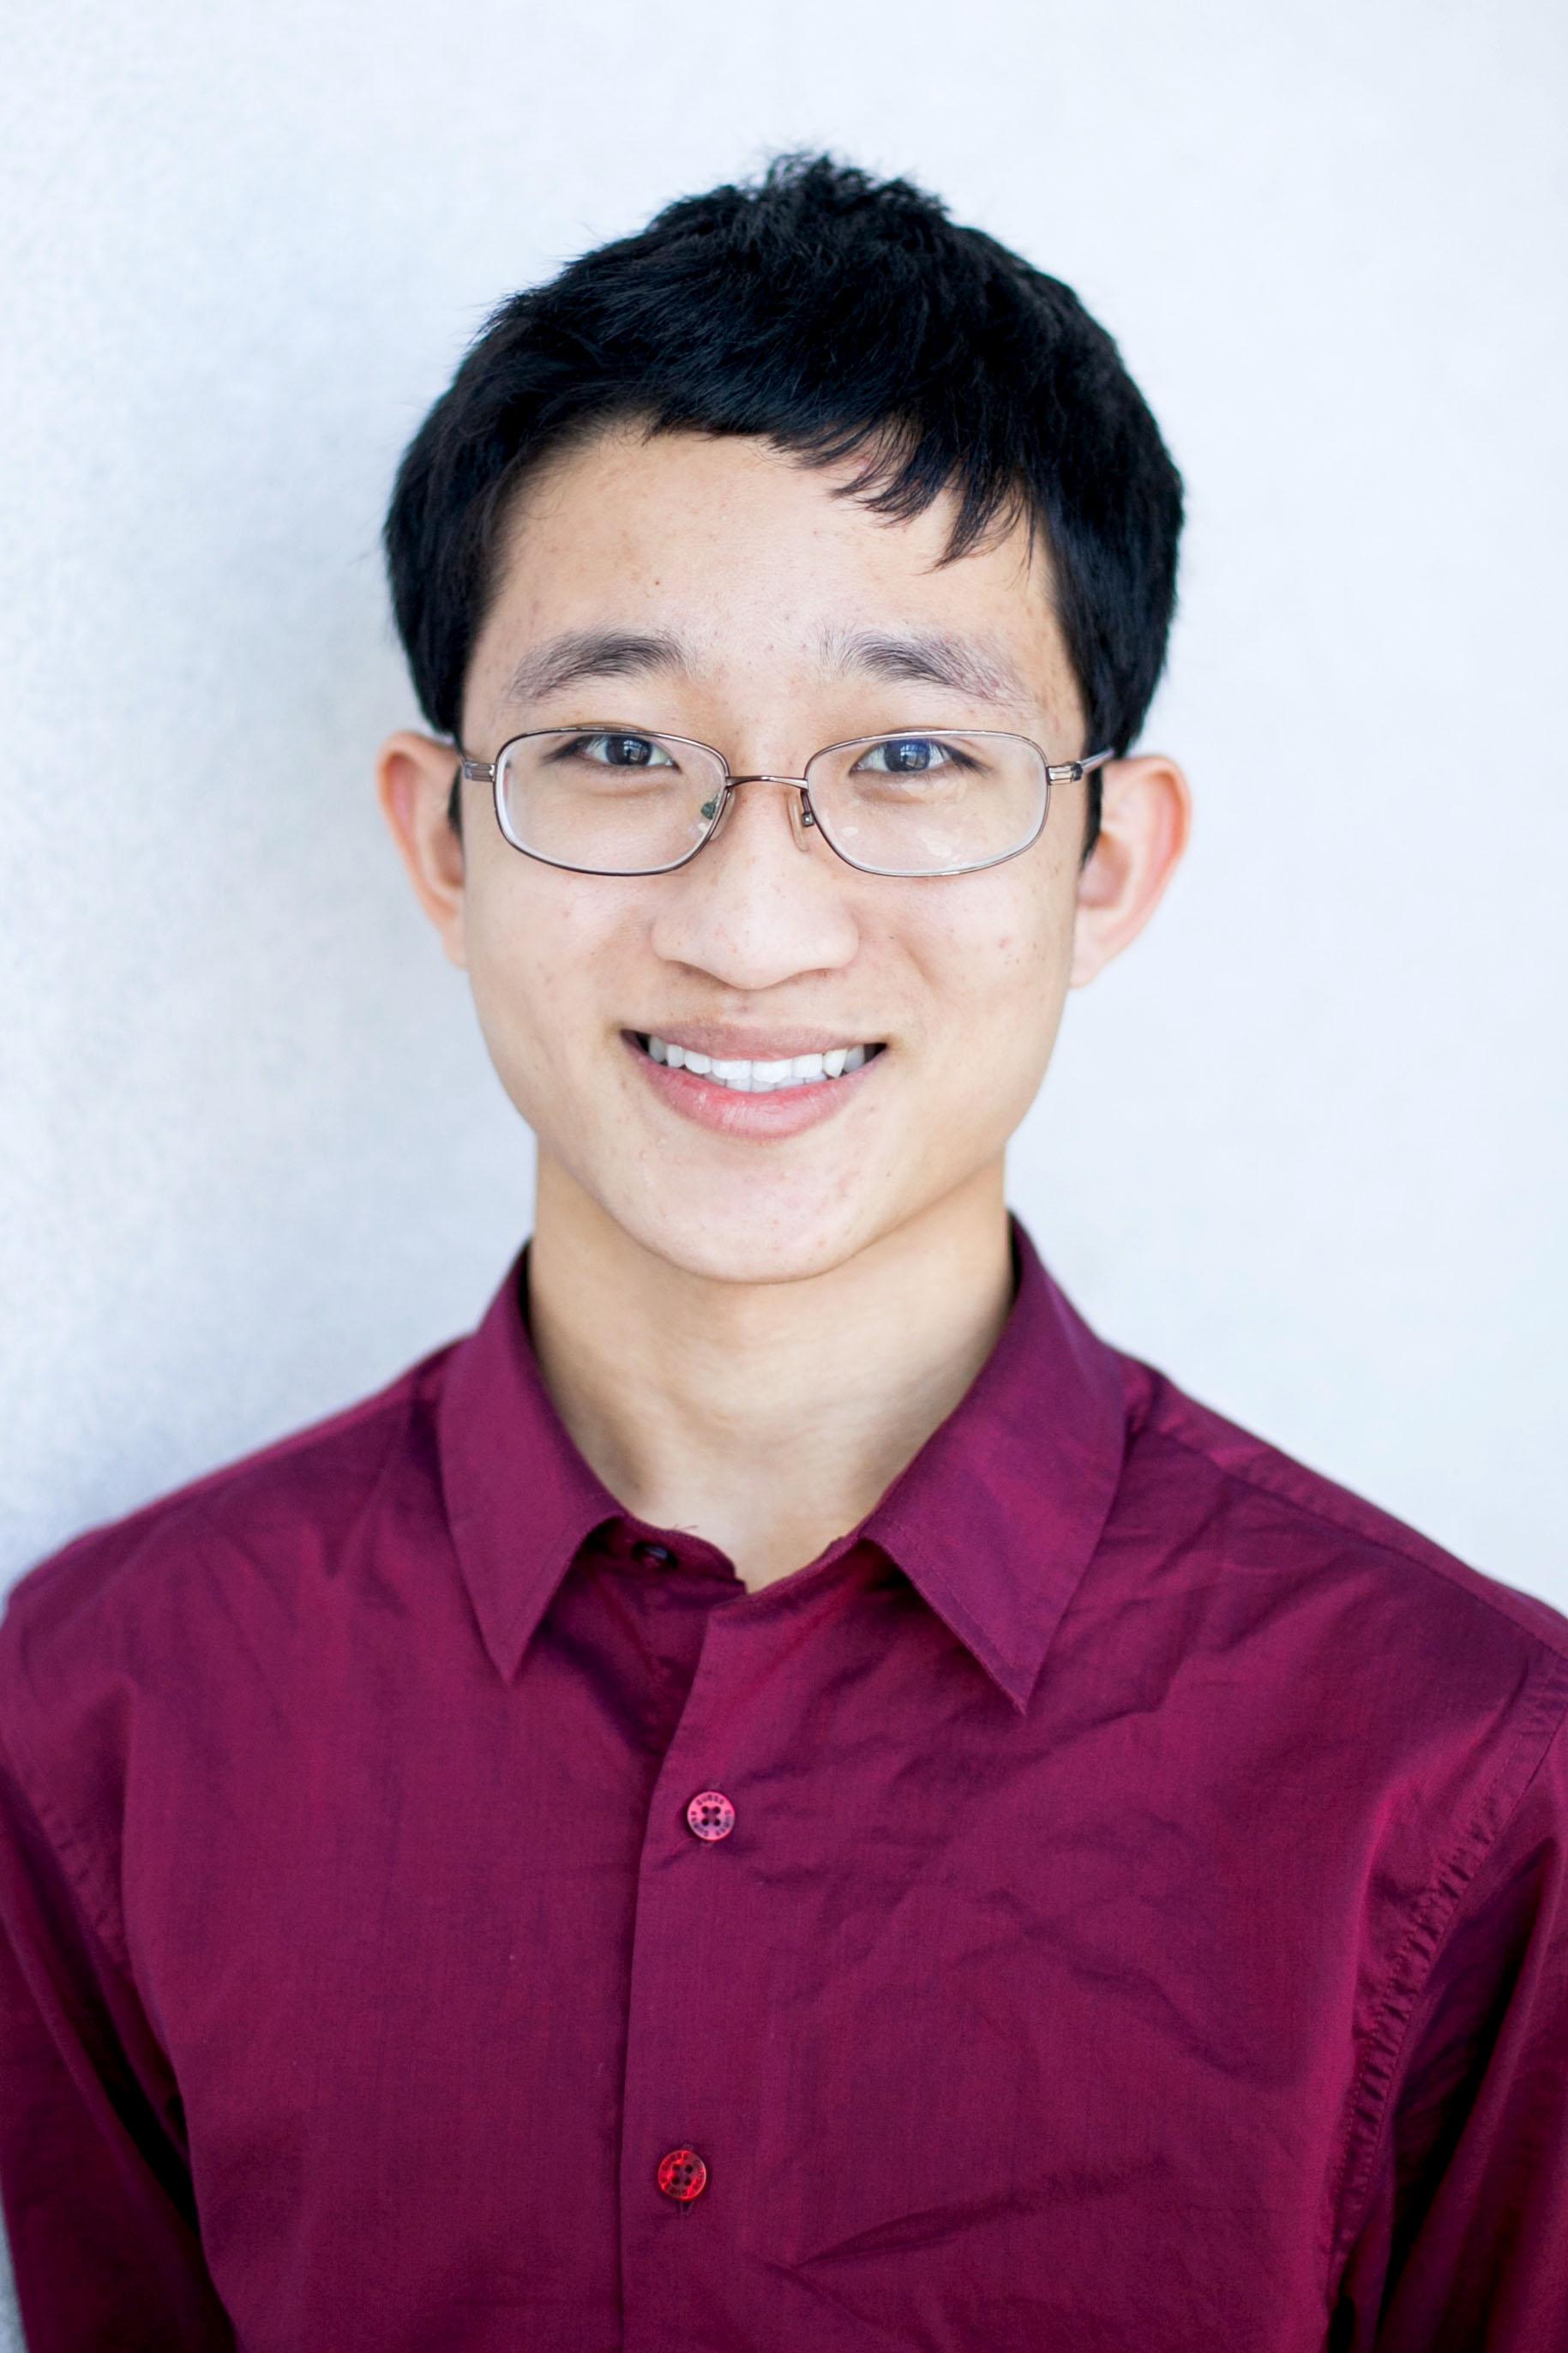 Albert Jiang,2016, Punahou